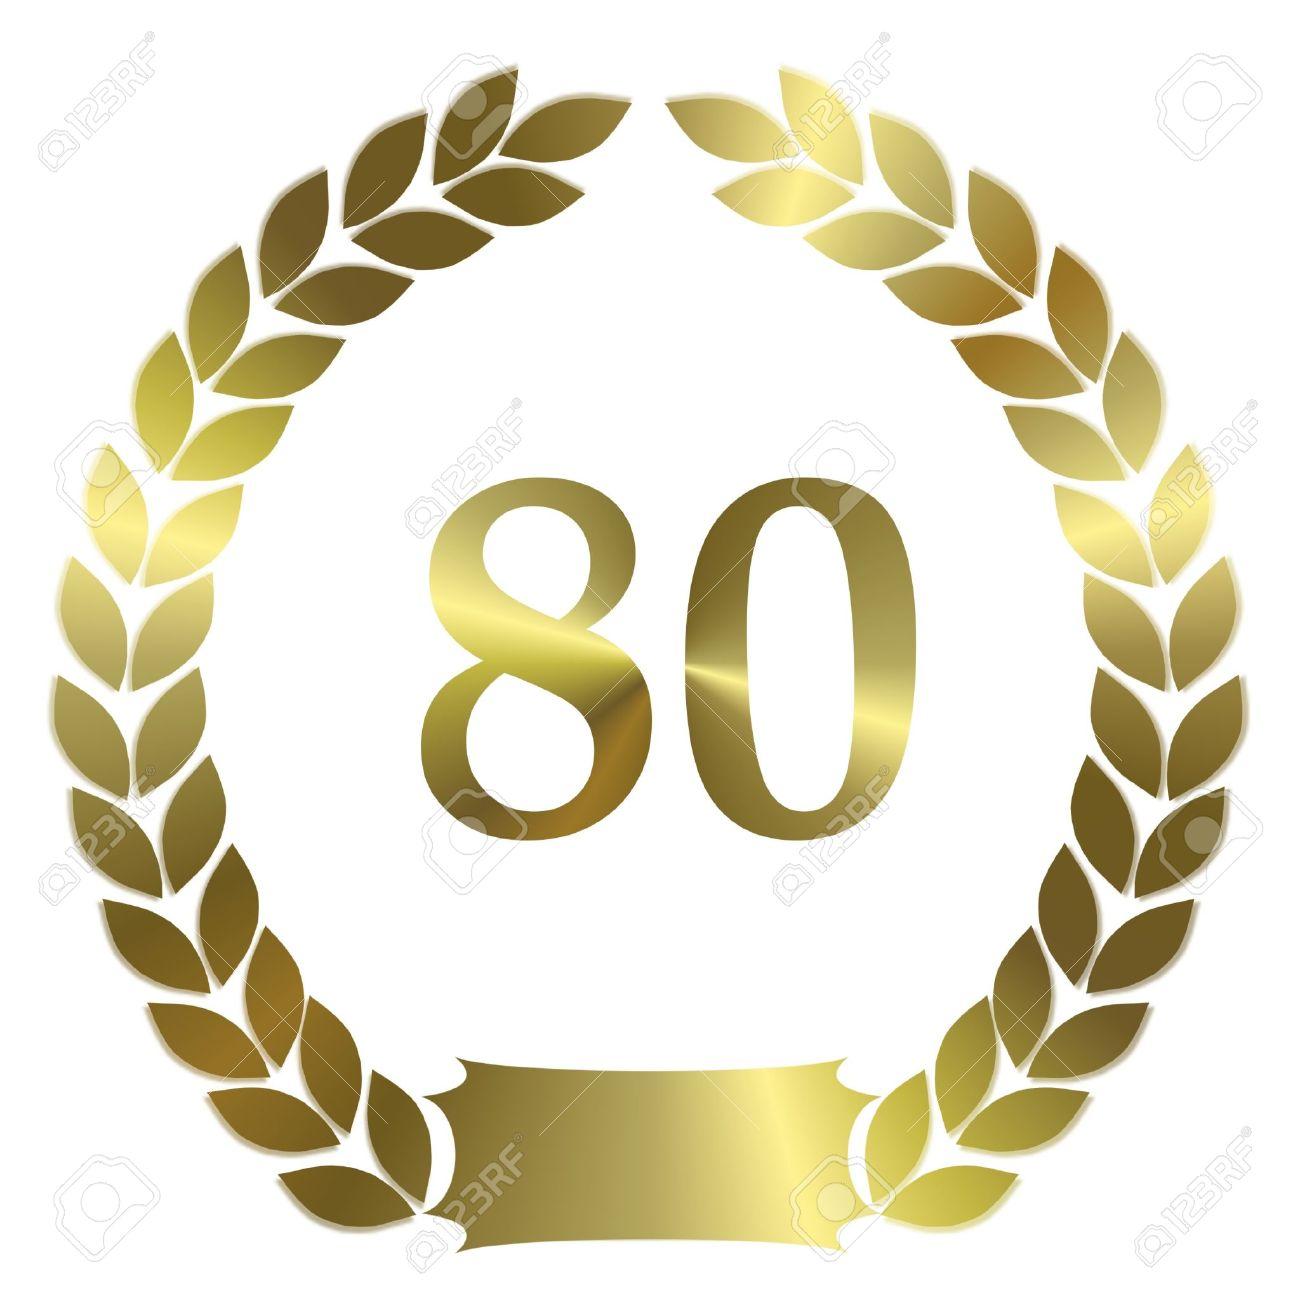 Поздравление с днем рождения мужу 70 лет